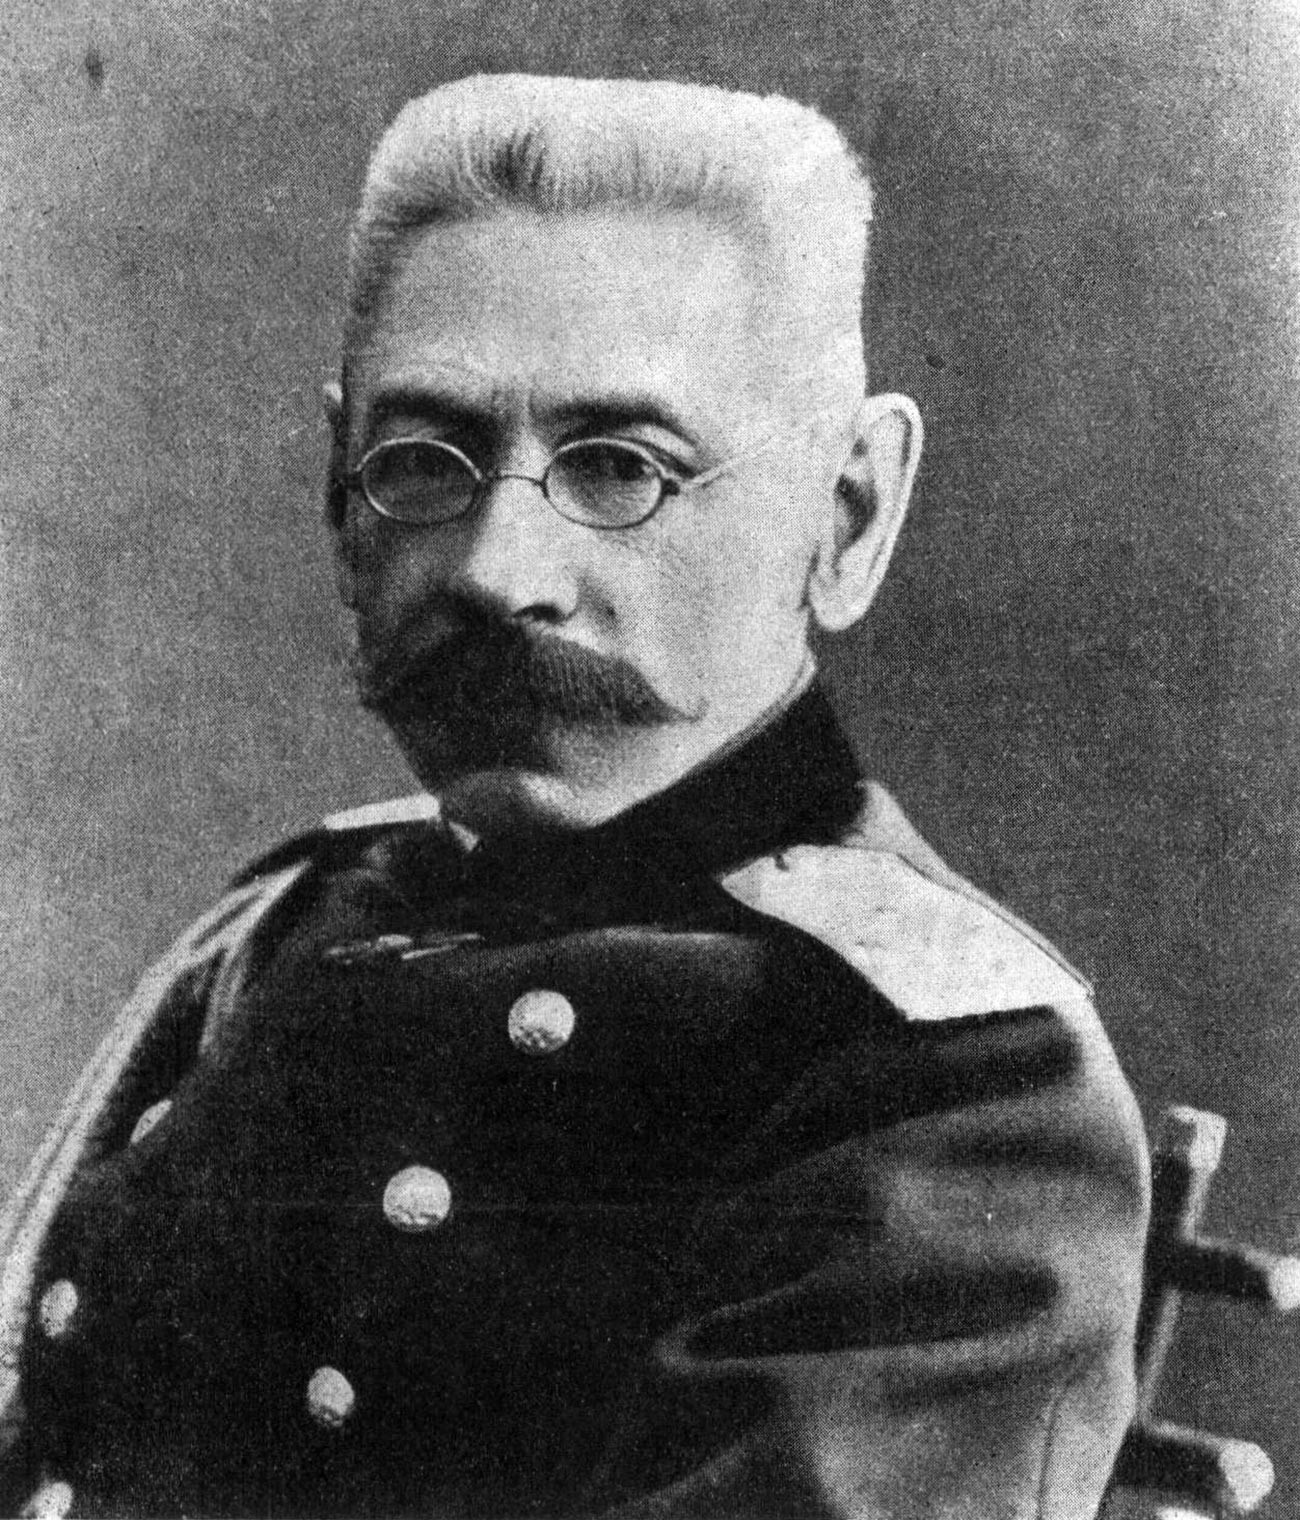 Н. В. Рузски, 1914.